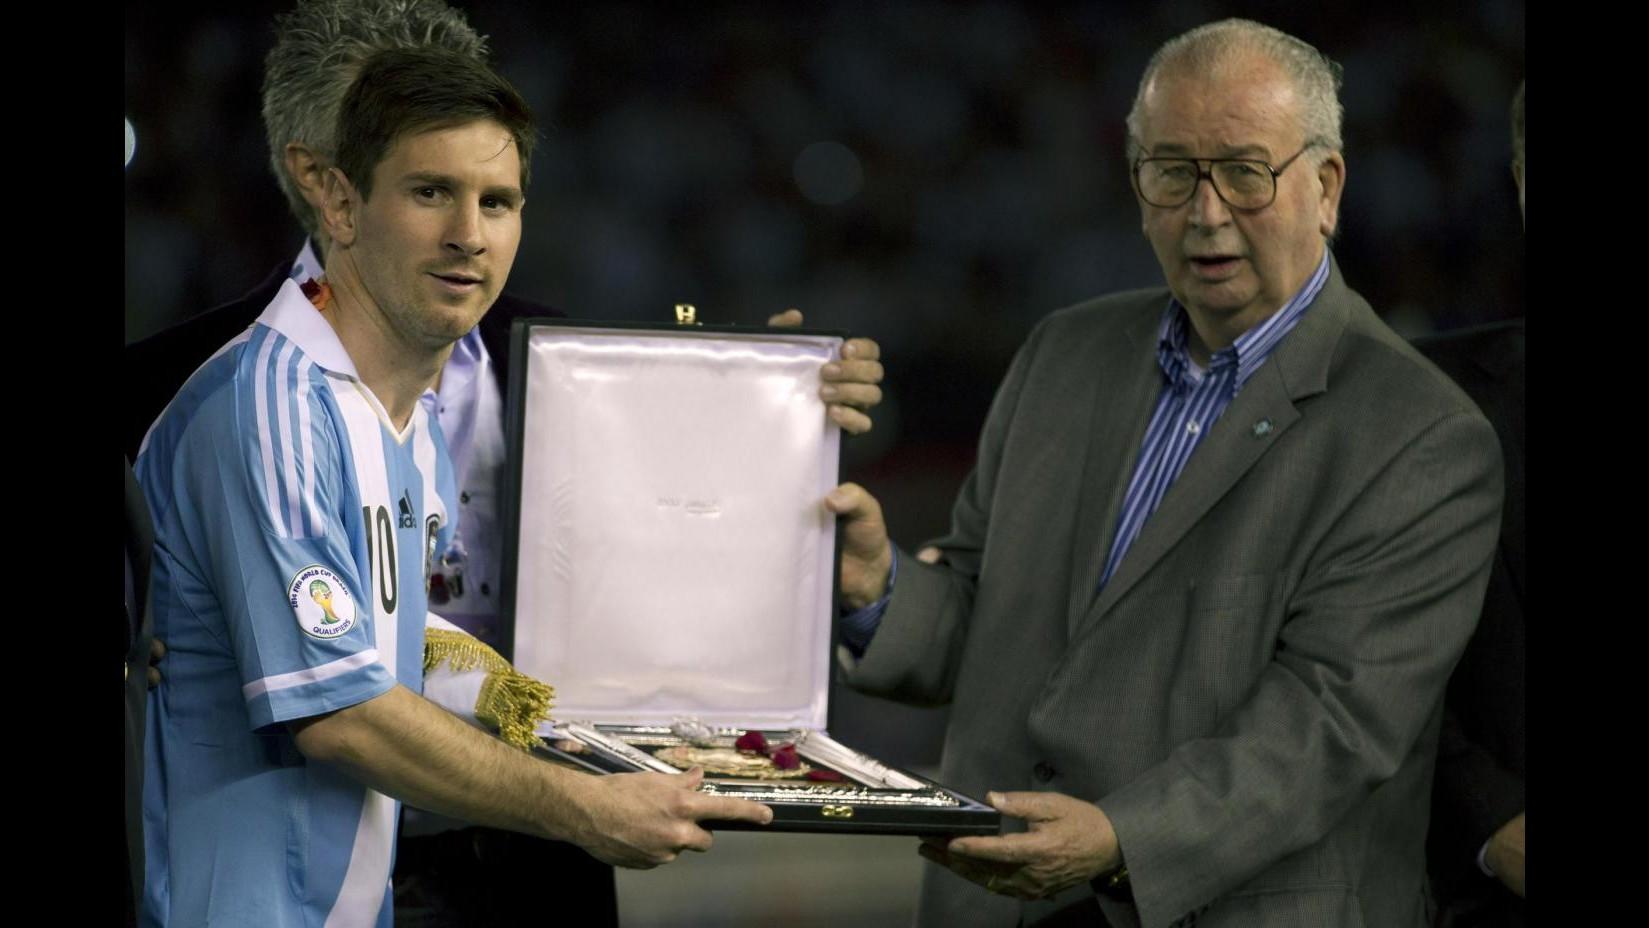 Calcio, lutto in Argentina: morto presidente federale Julio Grondona